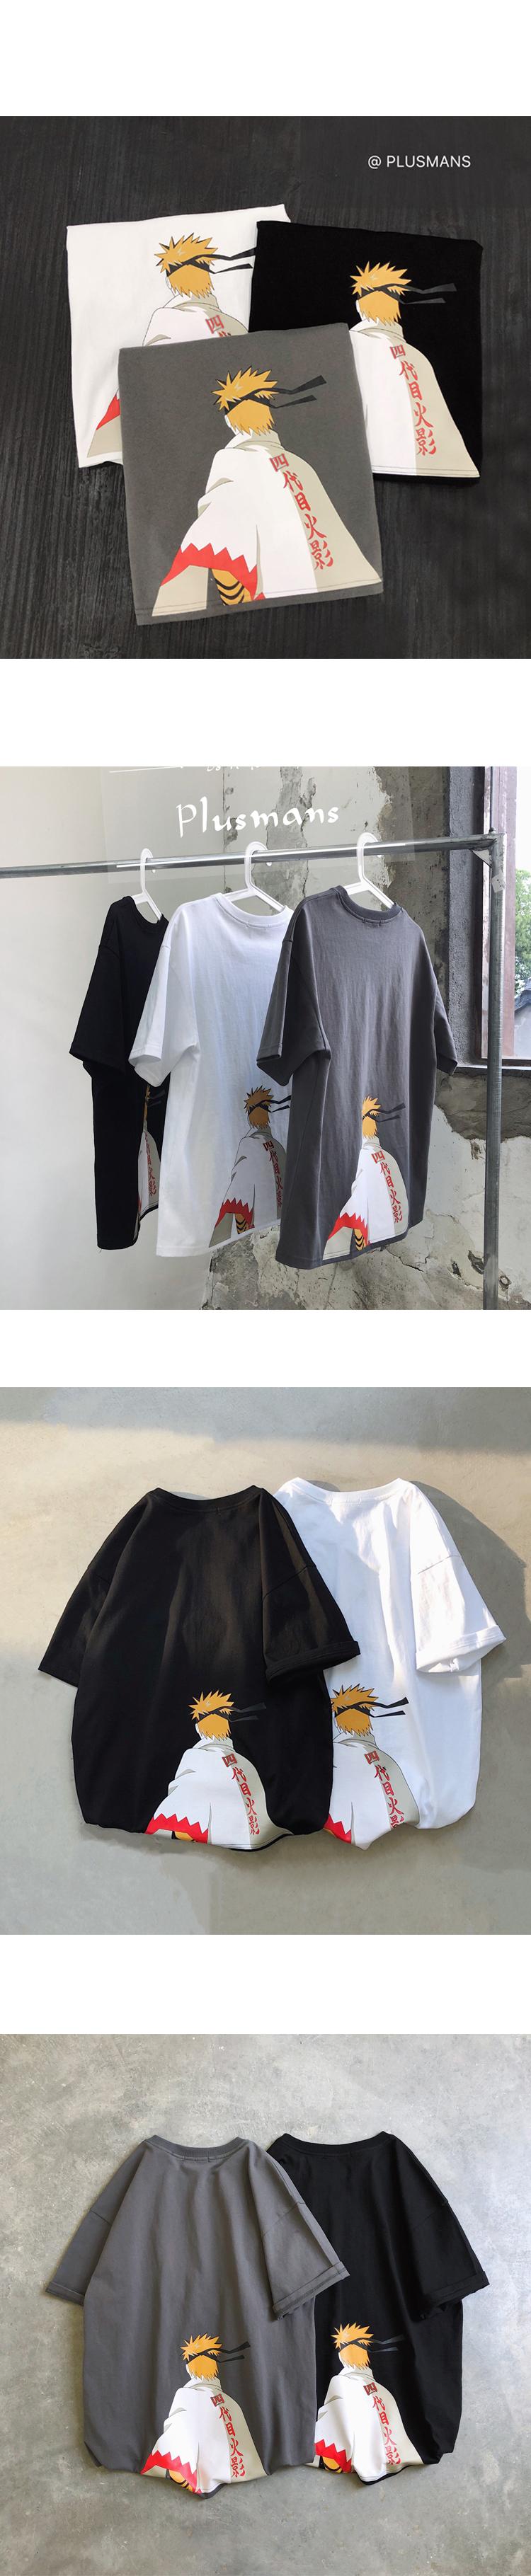 卡通动漫短袖T恤 P021-P38-不低于49